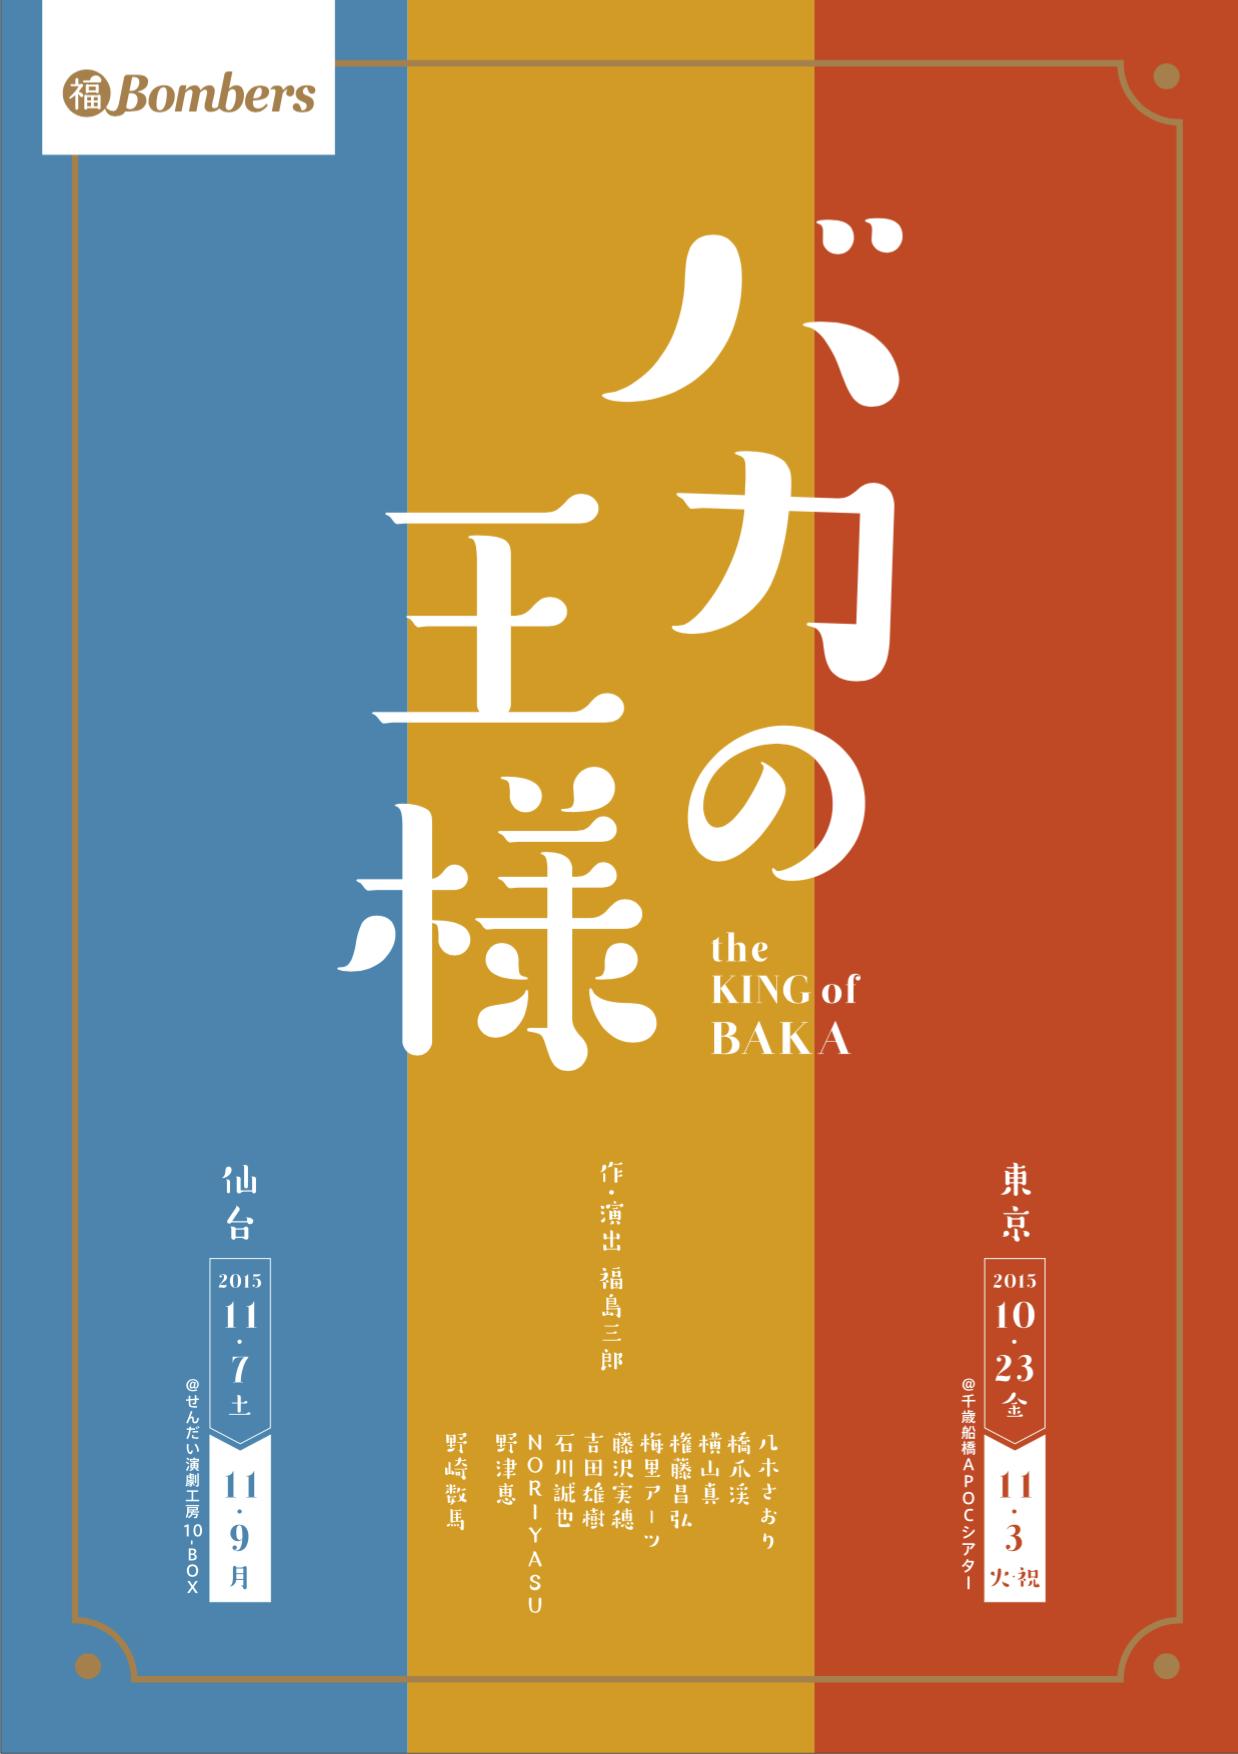 丸福ボンバーズ第六回公演 「バカの王様〜The KING of BAKA〜」11/9(月) 14時の回